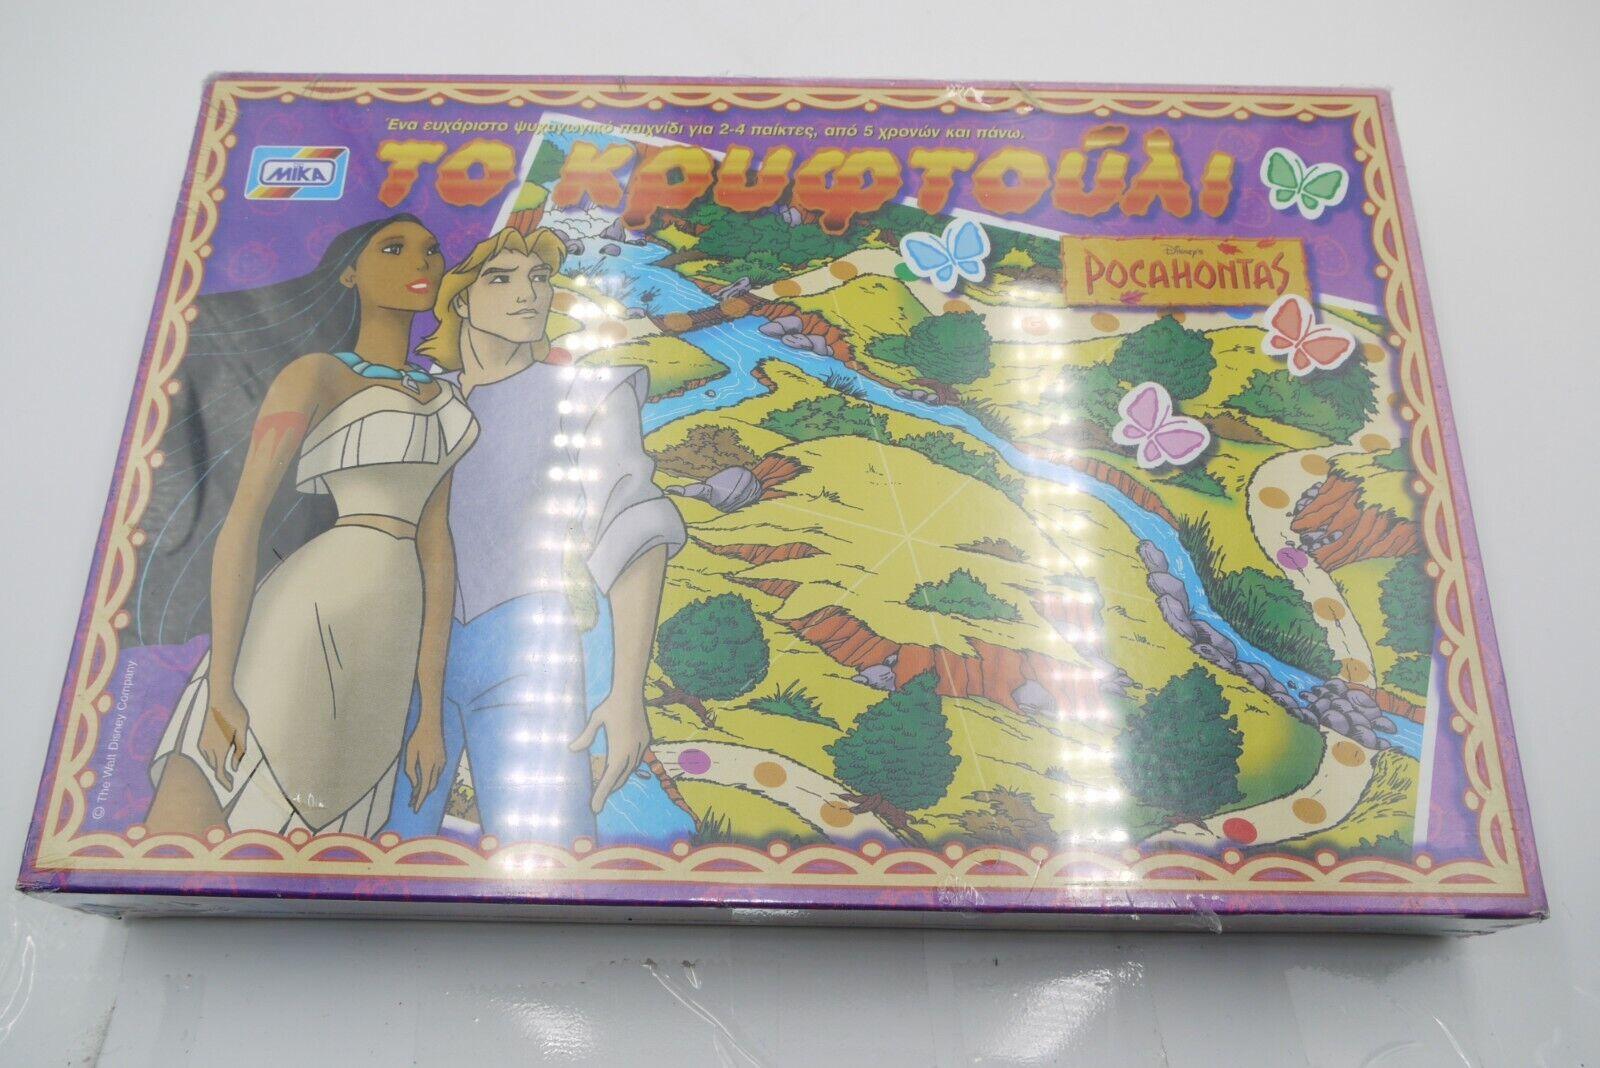 Vintage 90'S HIDE AND SEEK POCAHONTAS MIKA GREEK BOARD Game SEALED